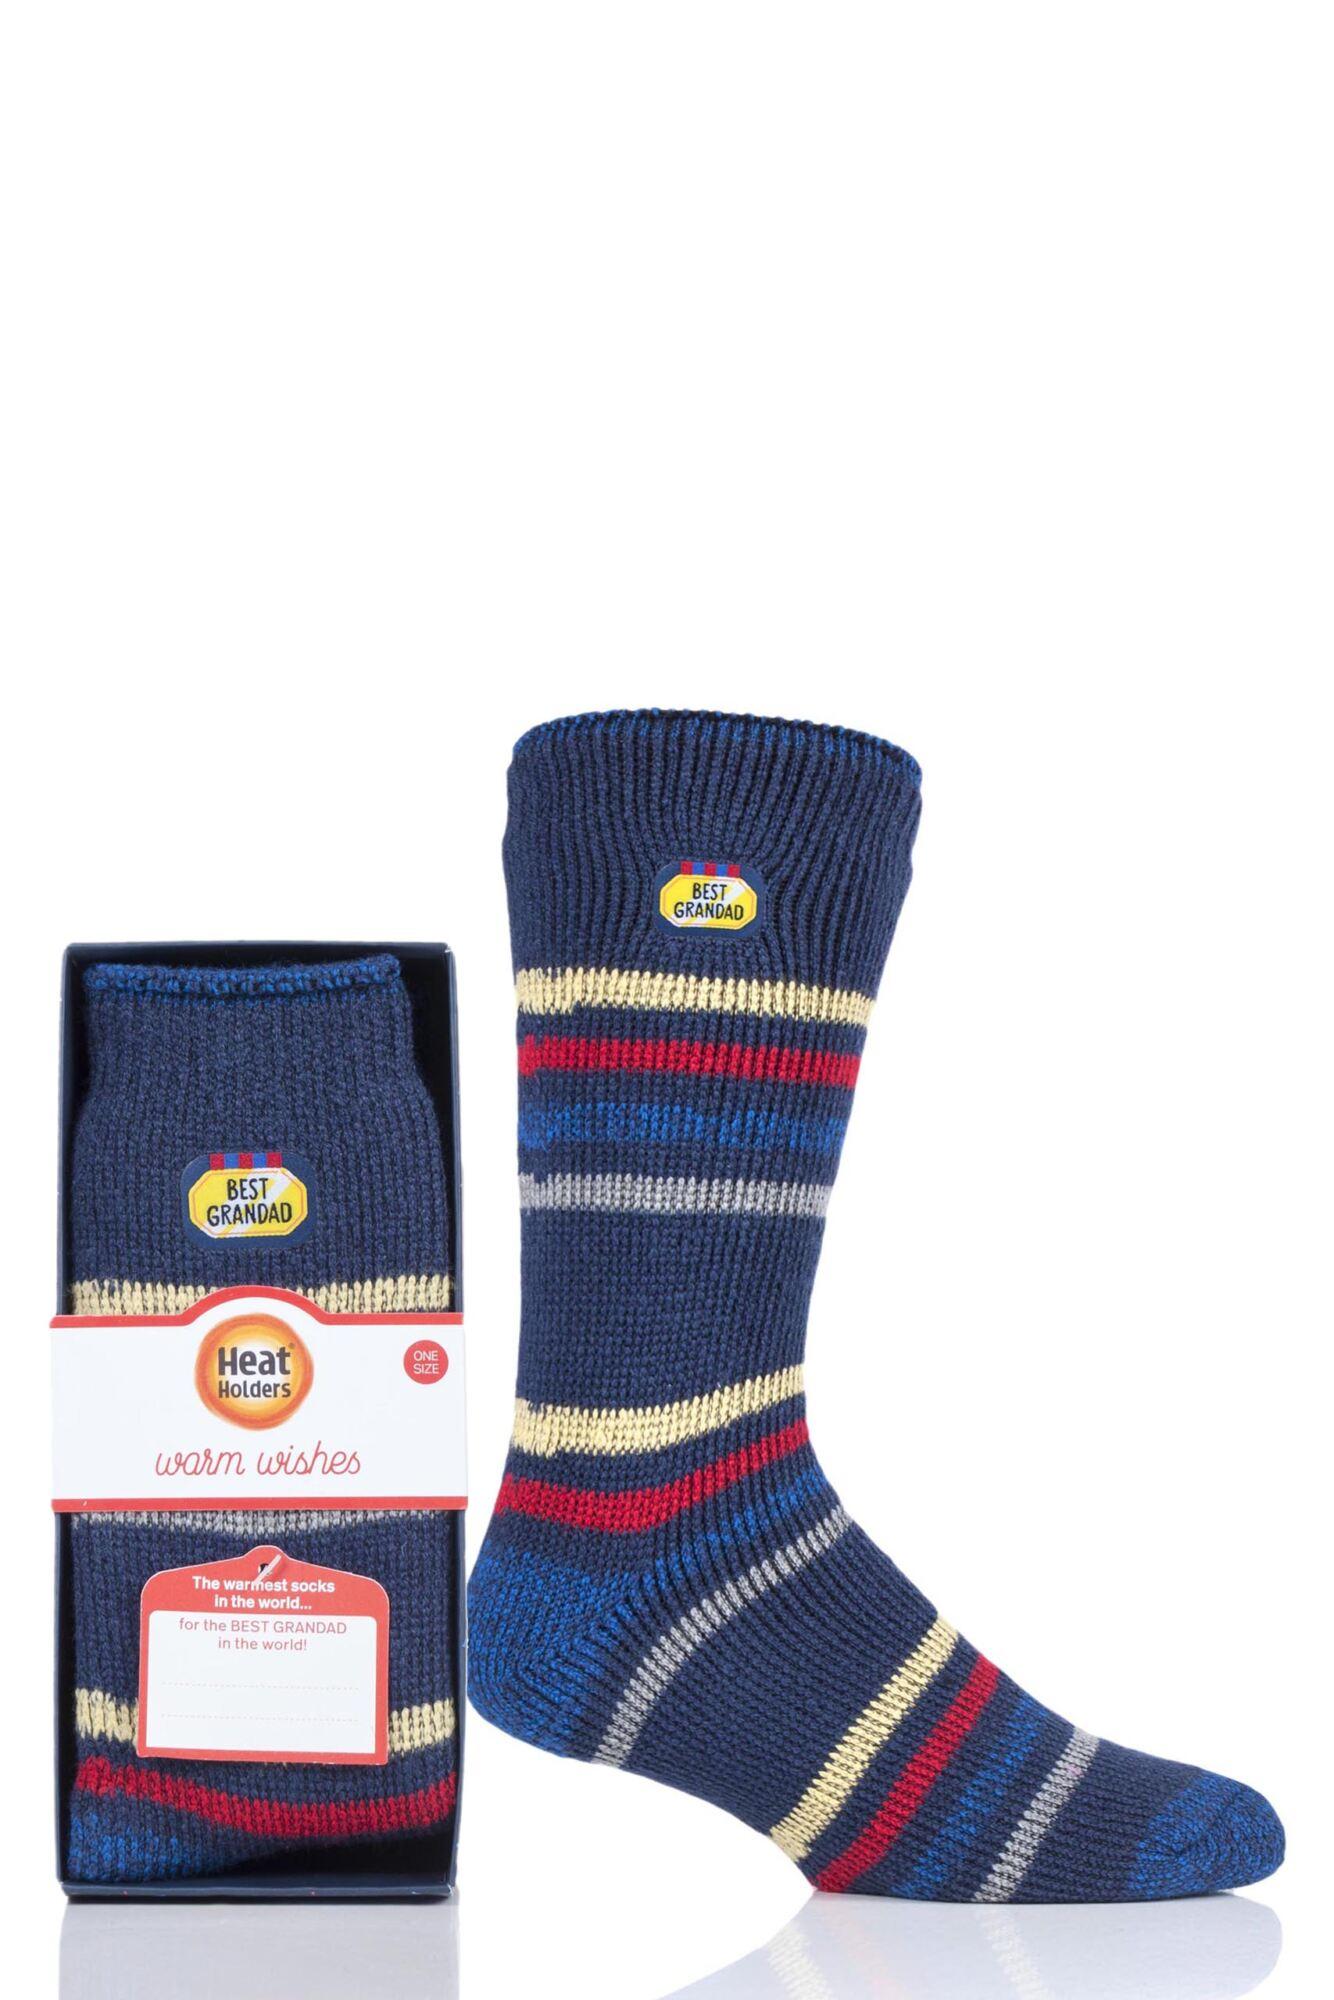 1 Pair Gift Boxed Socks Men's - Heat Holders